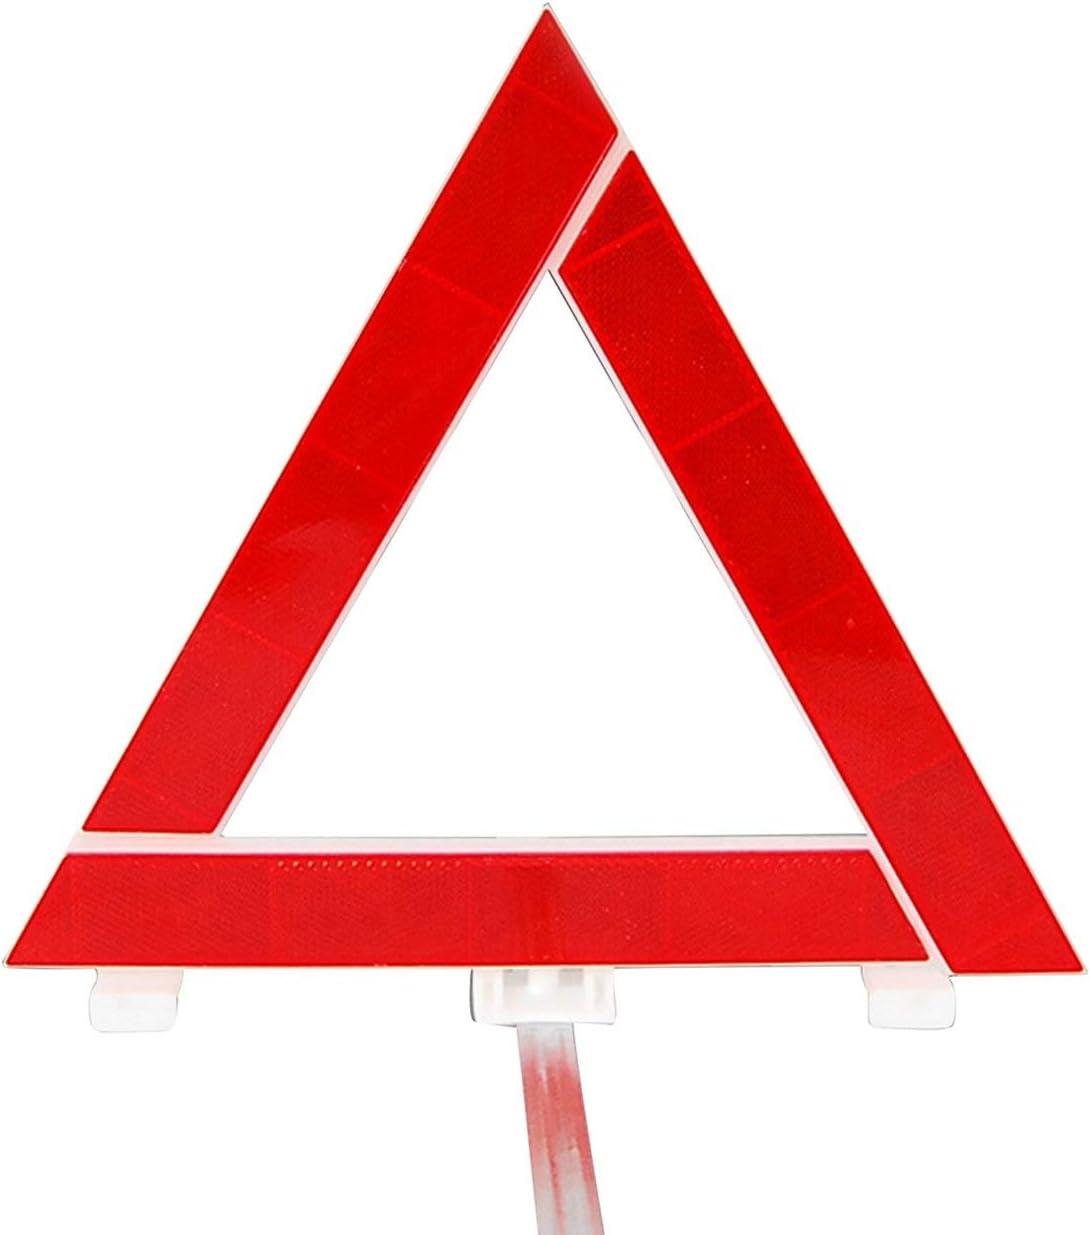 Tr/ípode de coche Se/ñal de advertencia reflectante Tr/ípode de coche Tarjeta triangular Aparcamiento Se/ñal de peligro plegable Seguridad del coche Tr/ípode de emergencia Rojo